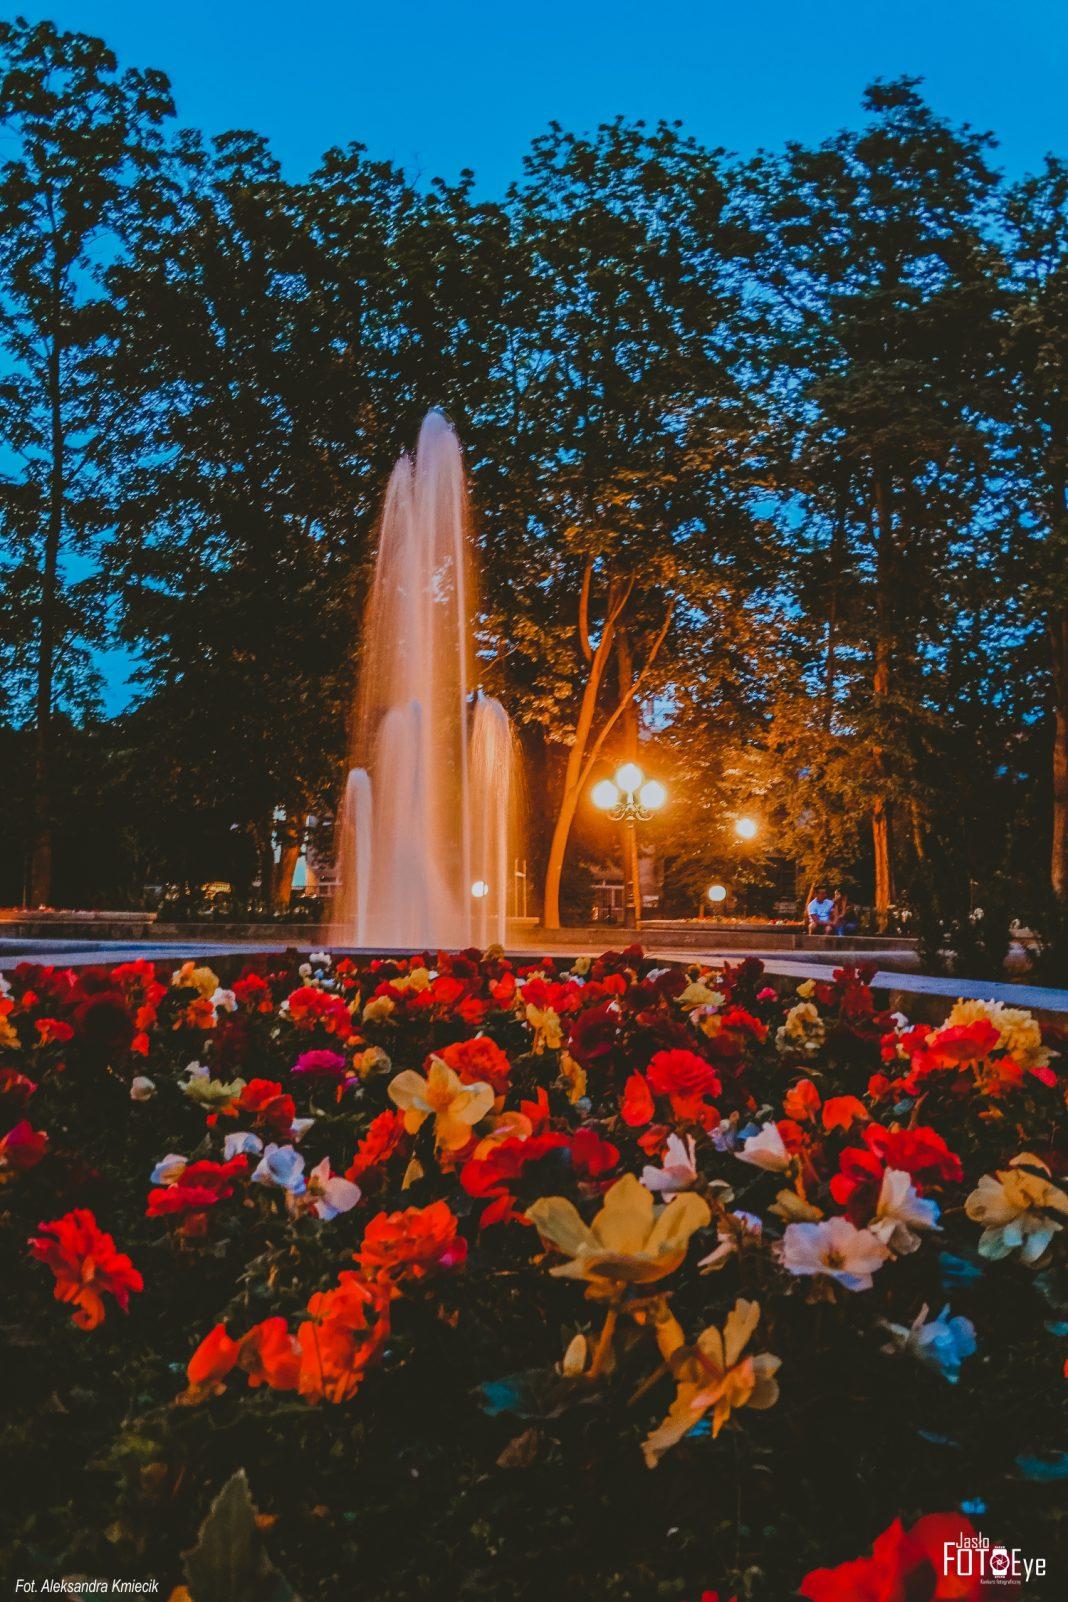 """""""Urokliwy park wieczorem"""" zdjęciem roku według internautów"""